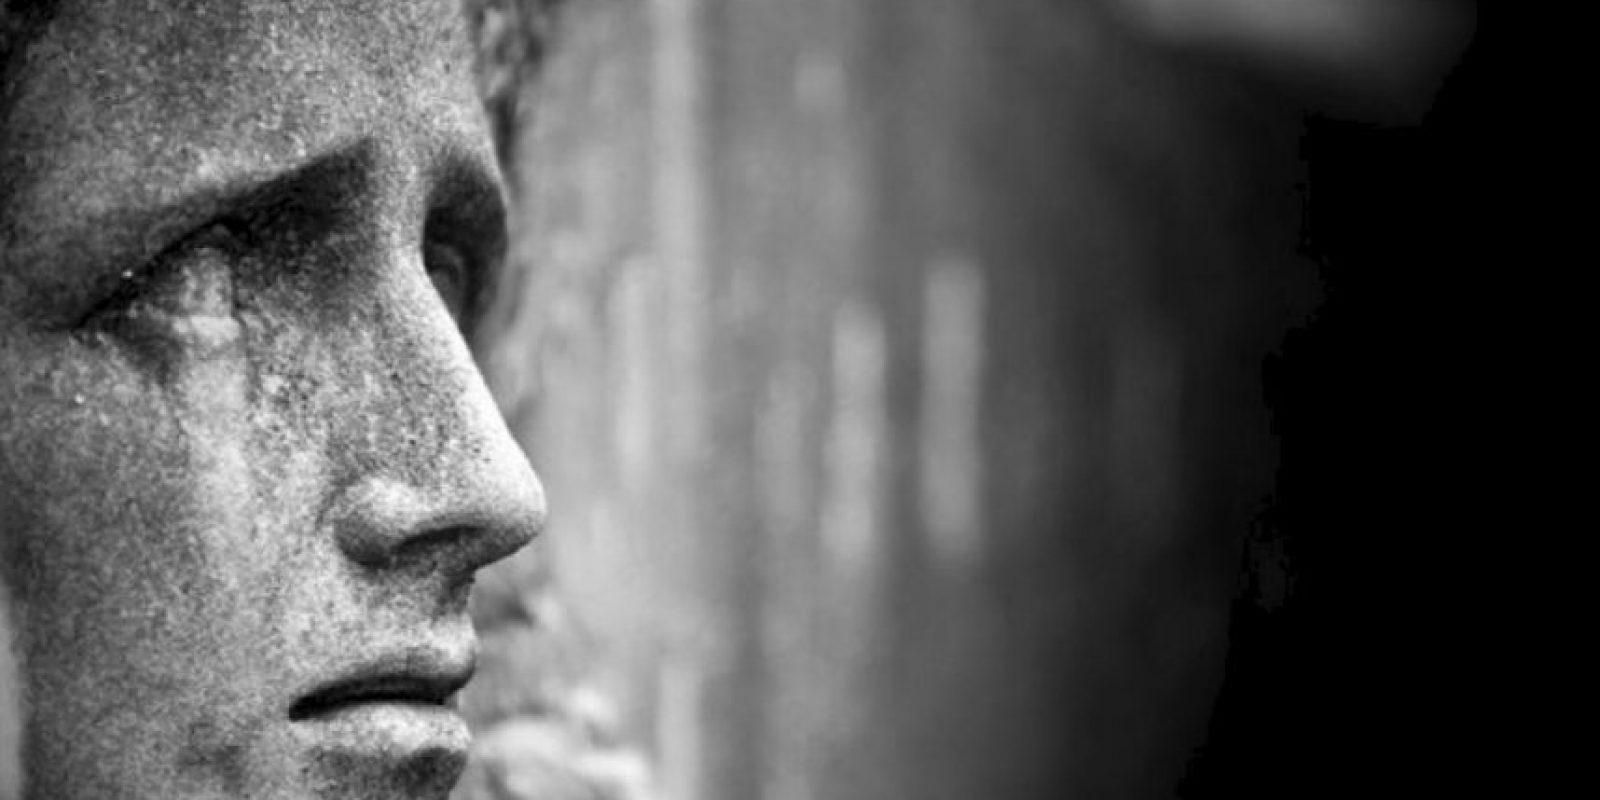 Antecedentes suicidas previos, experiencias negativas emocionalmente devastadoras y aislamiento son grandes factores. Foto:vía Tumblr